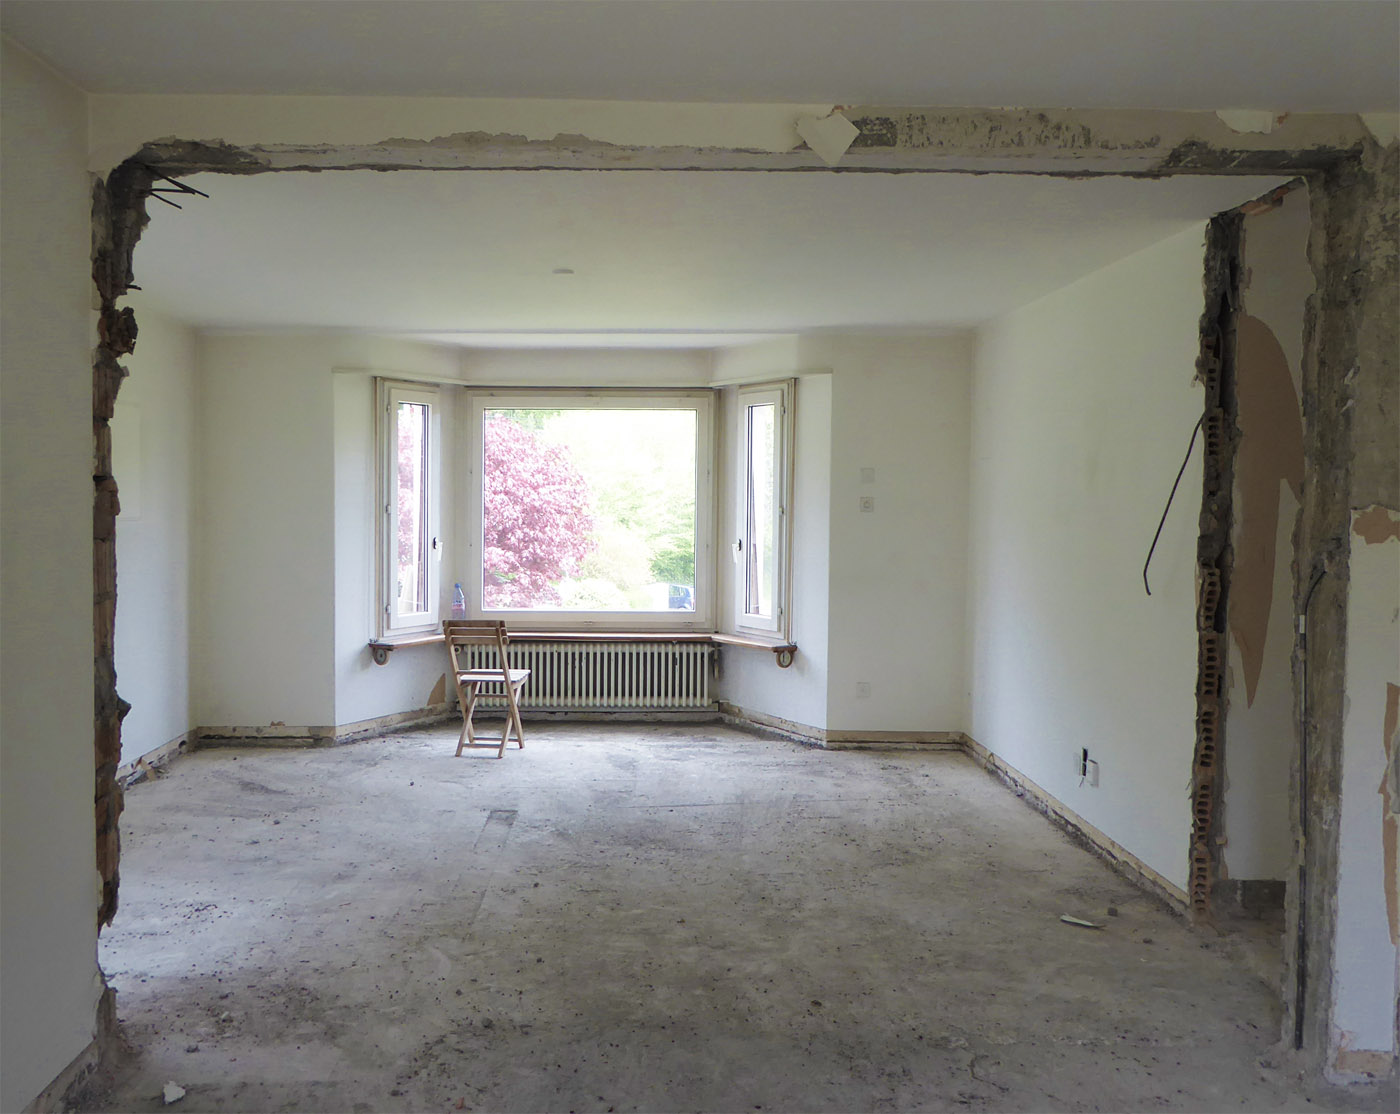 buan architekten – Wohnhaus Langensandstrasse Luzern – Bestand – Innenraum